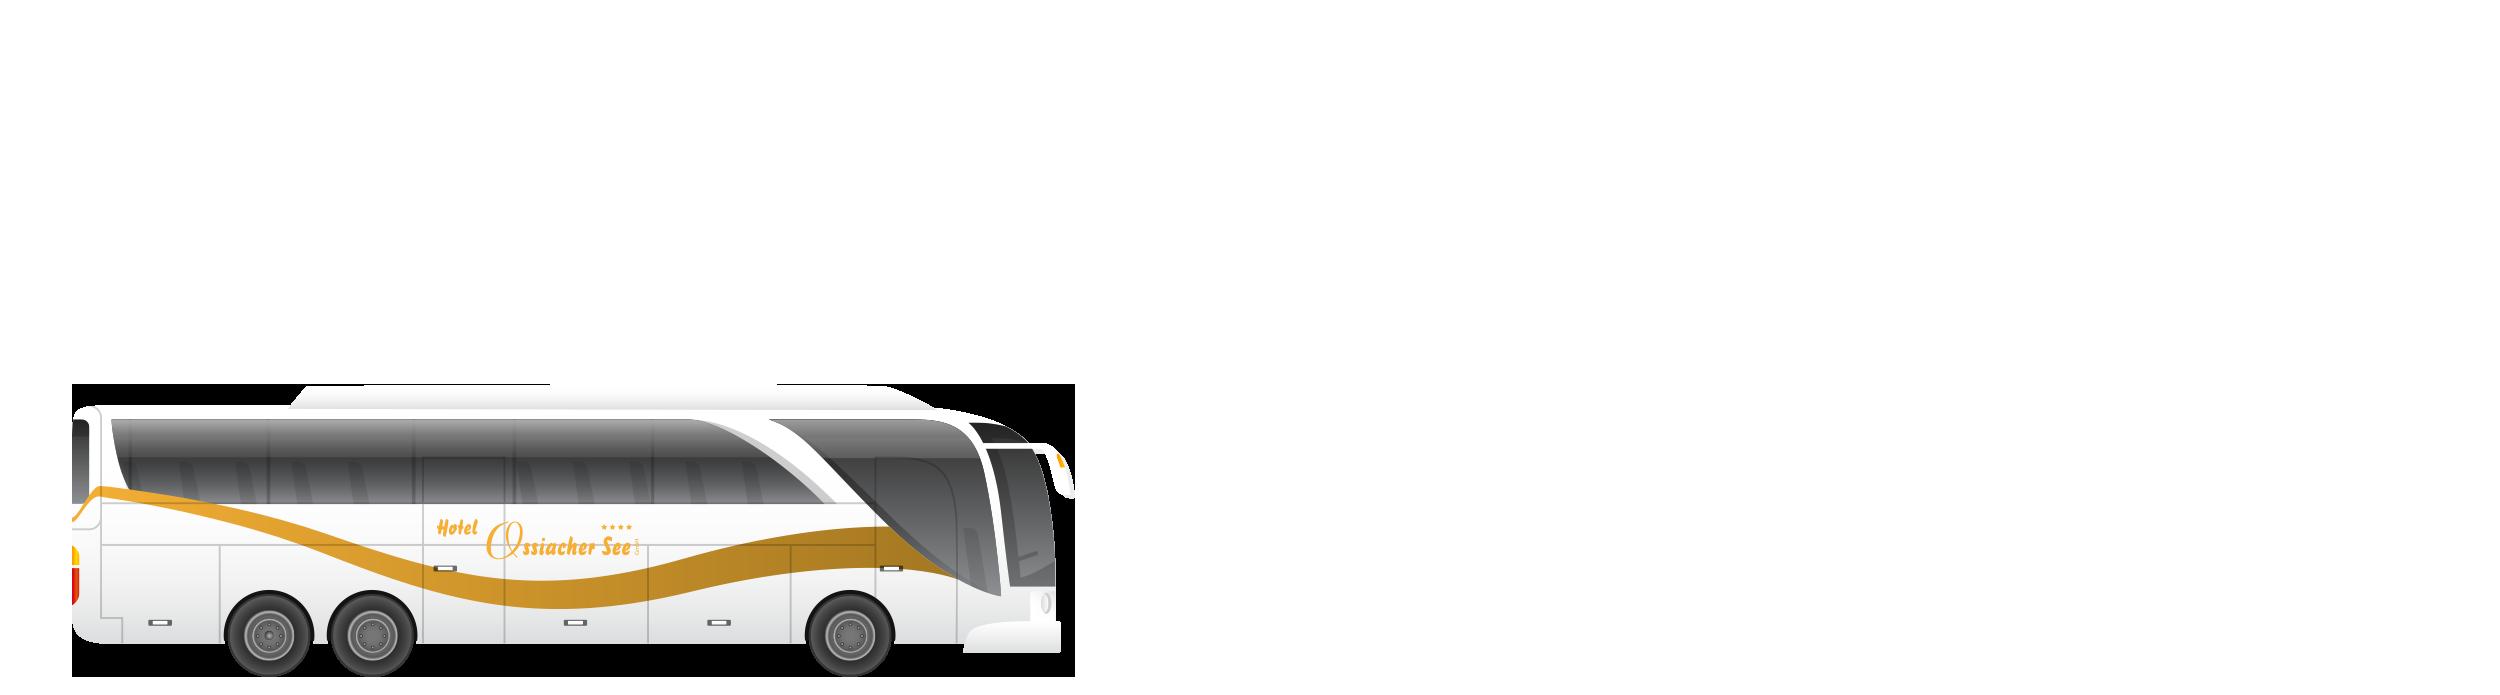 Hotel Ossiachersee Busgruppen mit Logo